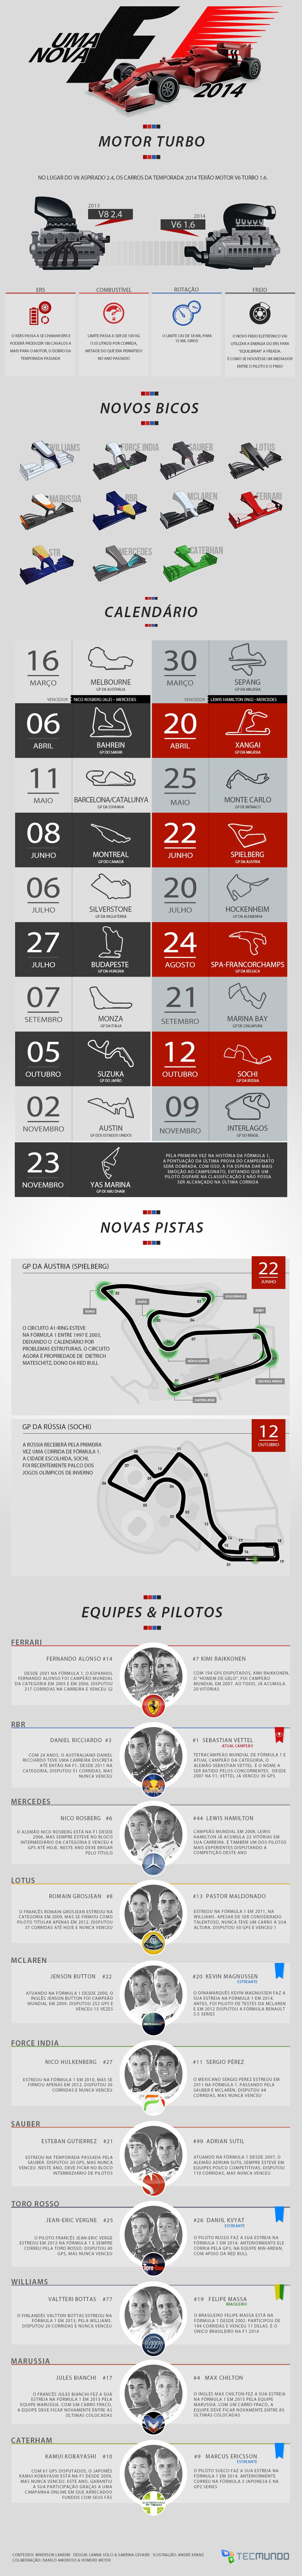 Tudo sobre os novos carros da Fórmula 1 2014 [infográfico]